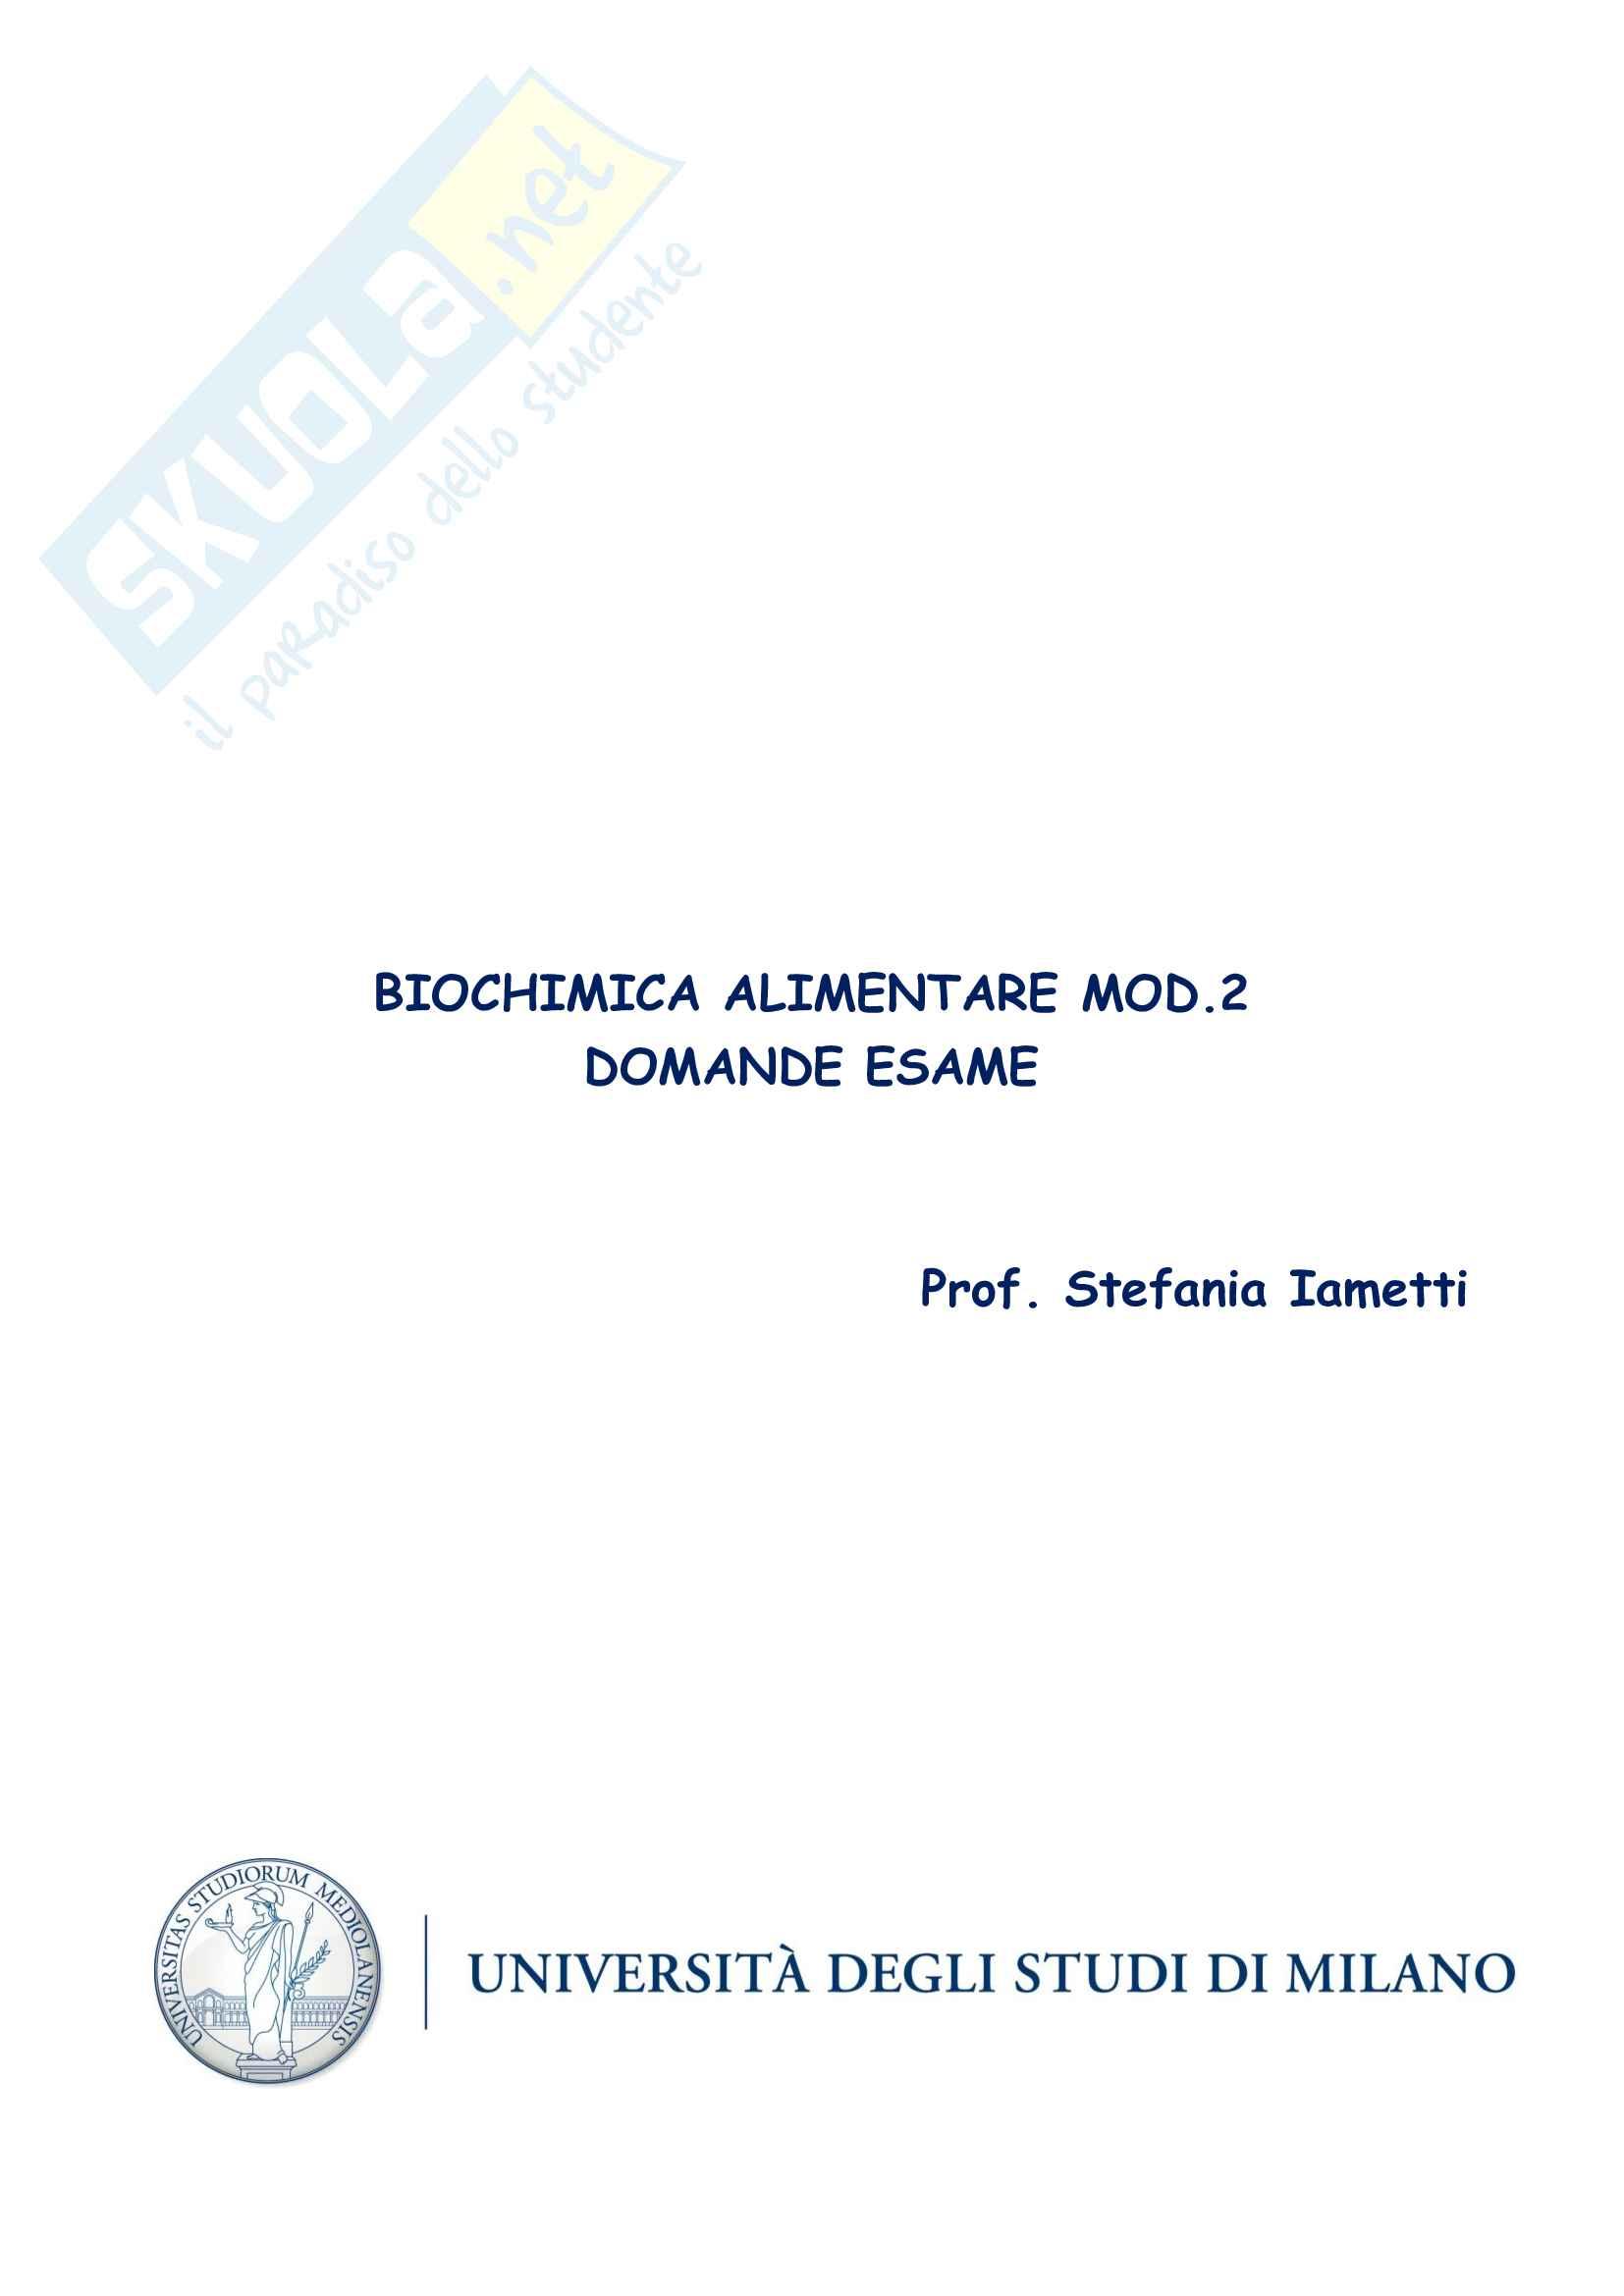 Domande Esame Biochimica Alimentare Mod.2